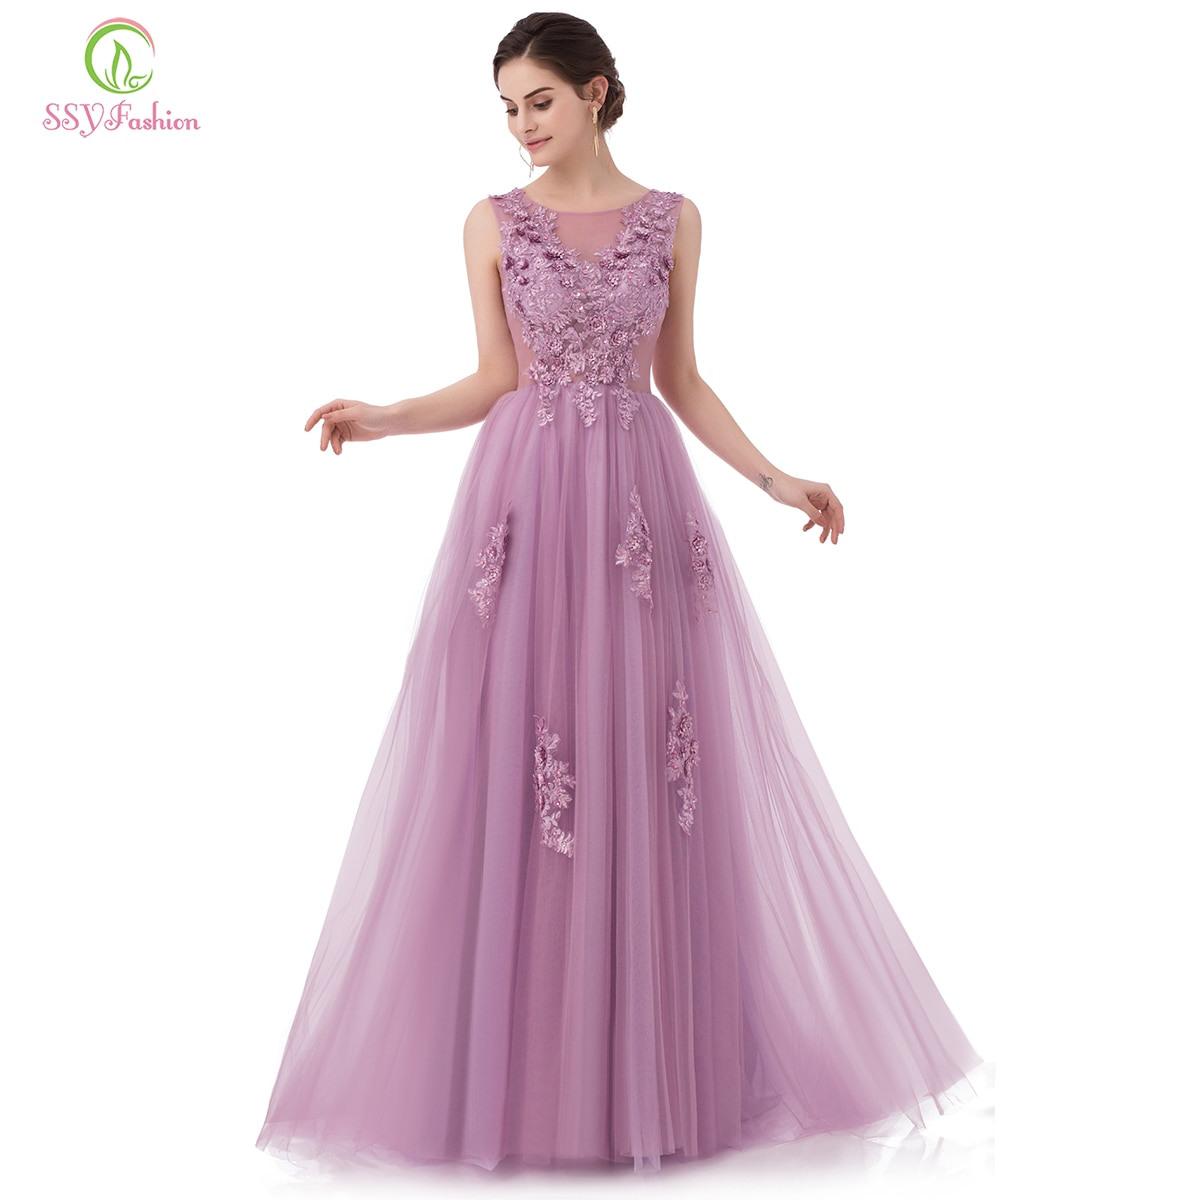 Us $57.85 35% Off|Ssyfashion Neue Süße Spitze Abendkleid Lila Rosa  Appliques Mit Perlen Ärmellose Bodenlangen Lange Prom Party Kleider-In  Abendkleider